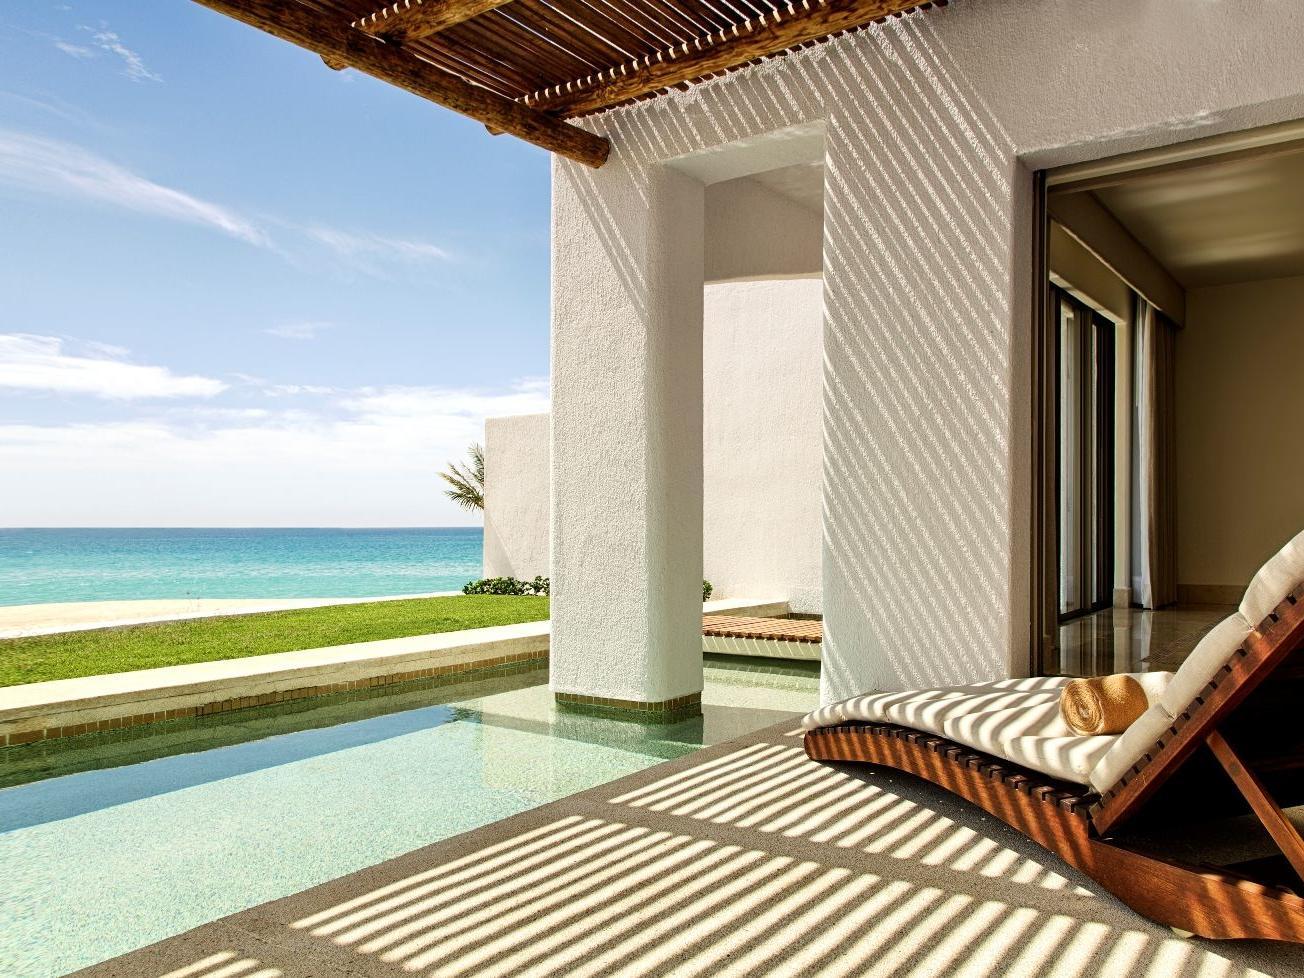 a chair under an overhang facing the ocean